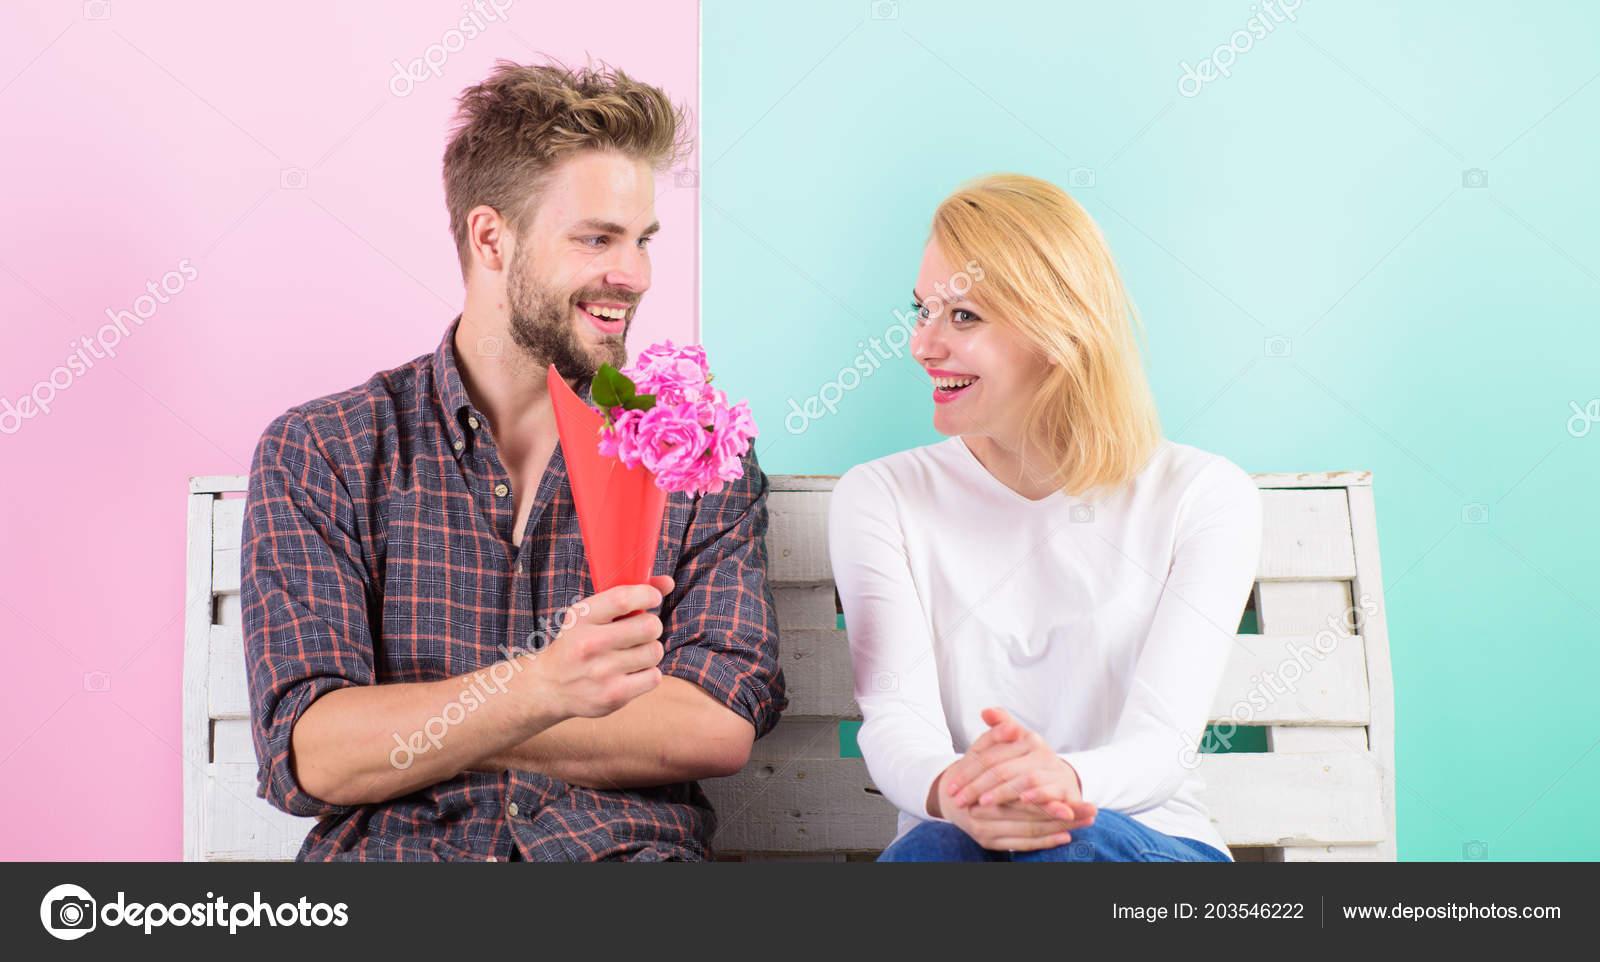 randí s konzervativním chlapem